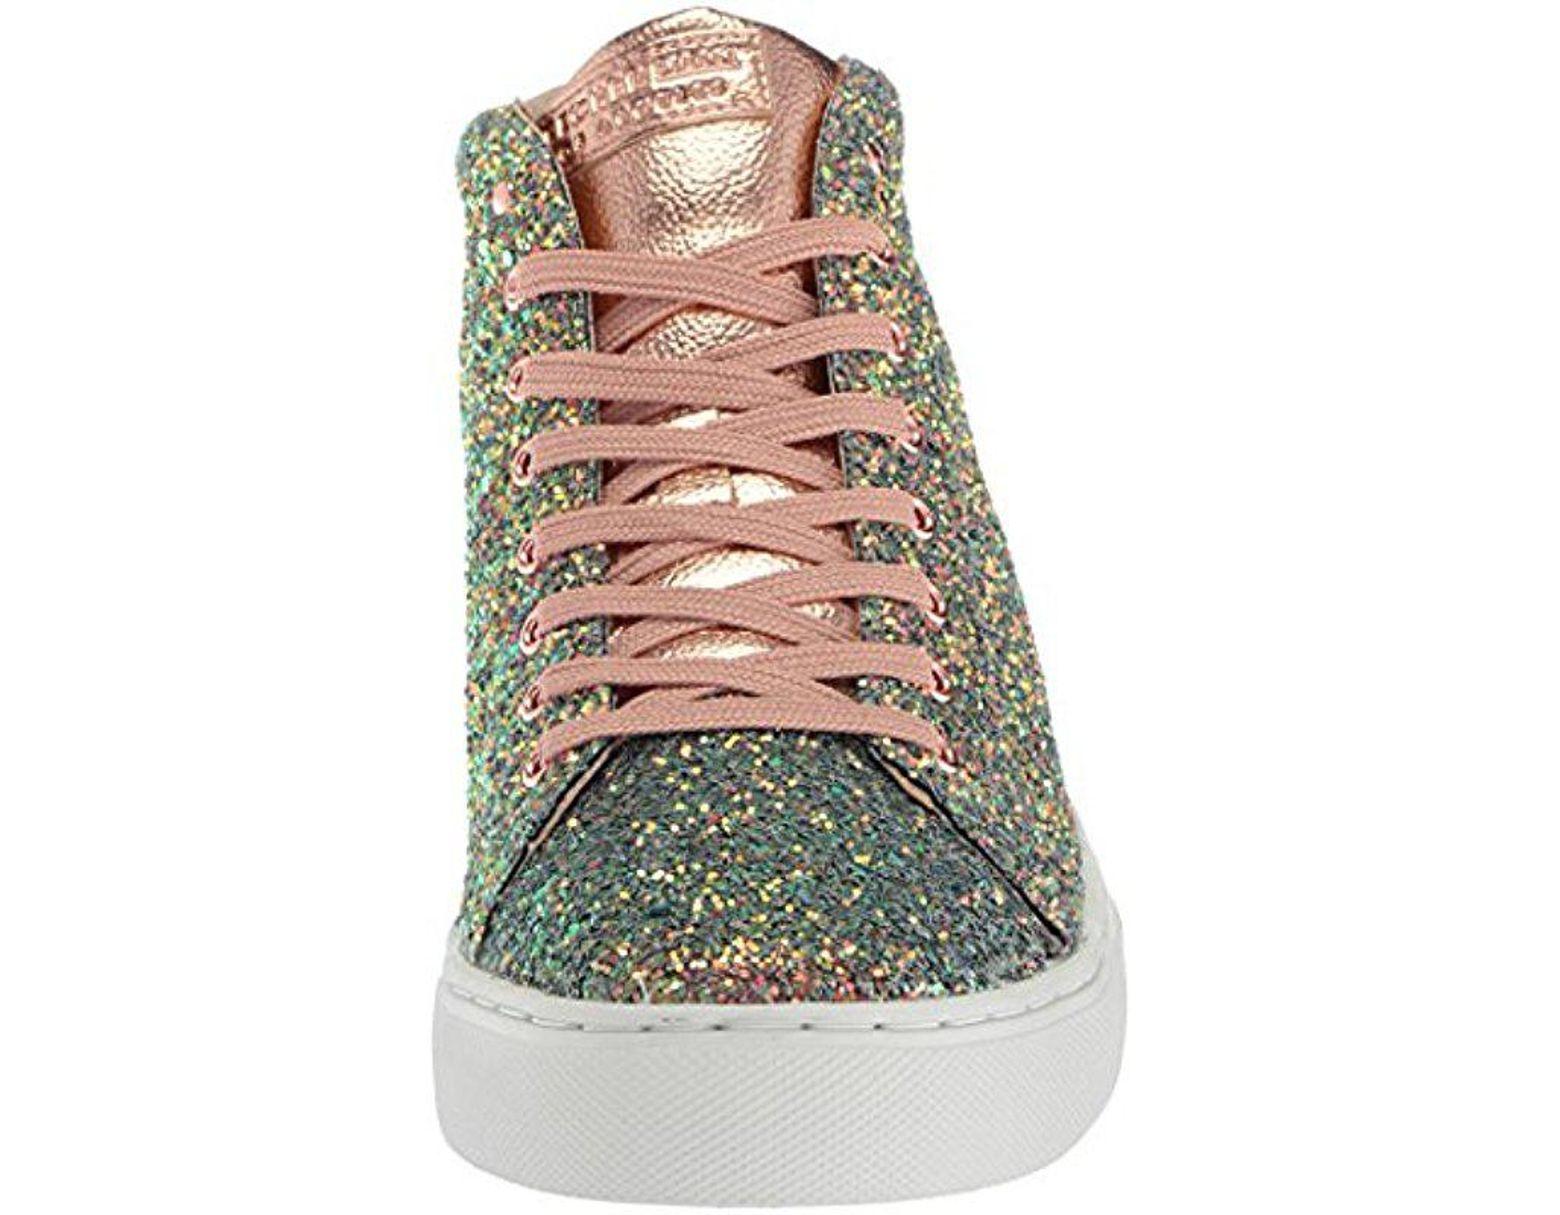 0f9218406a16 Skechers Side Street-rock Glitter Sneaker - Save 36% - Lyst